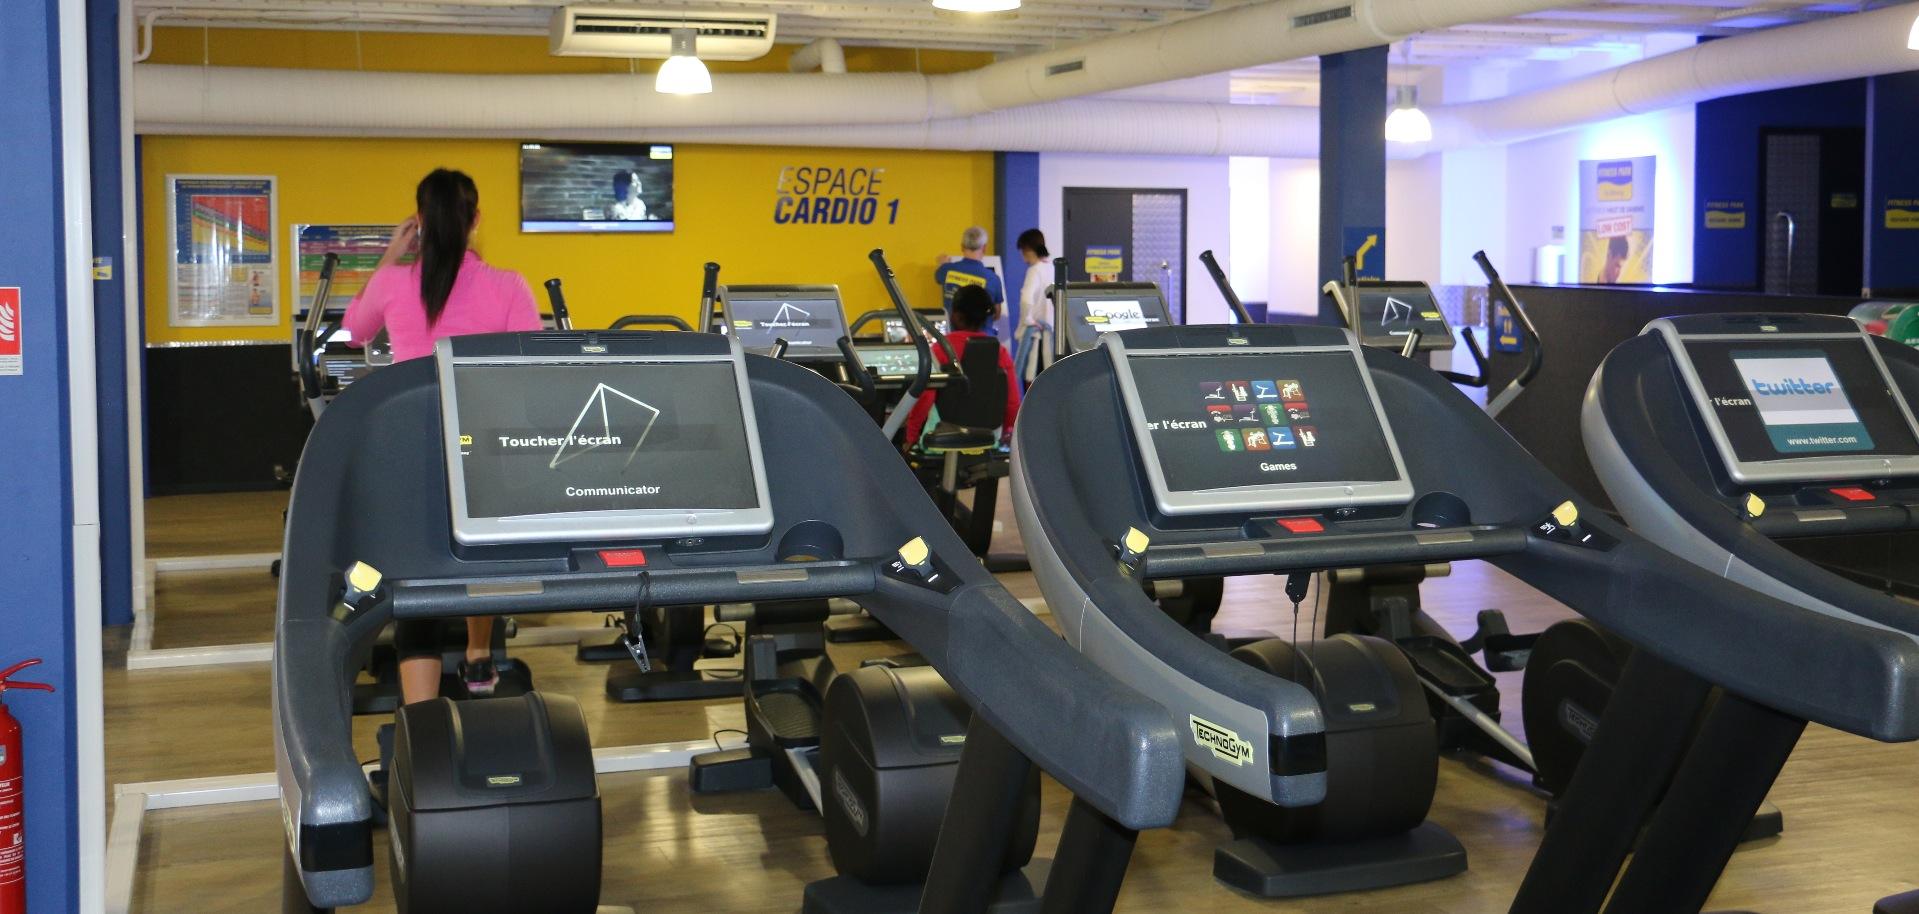 epub fitness park issy les moulineaux